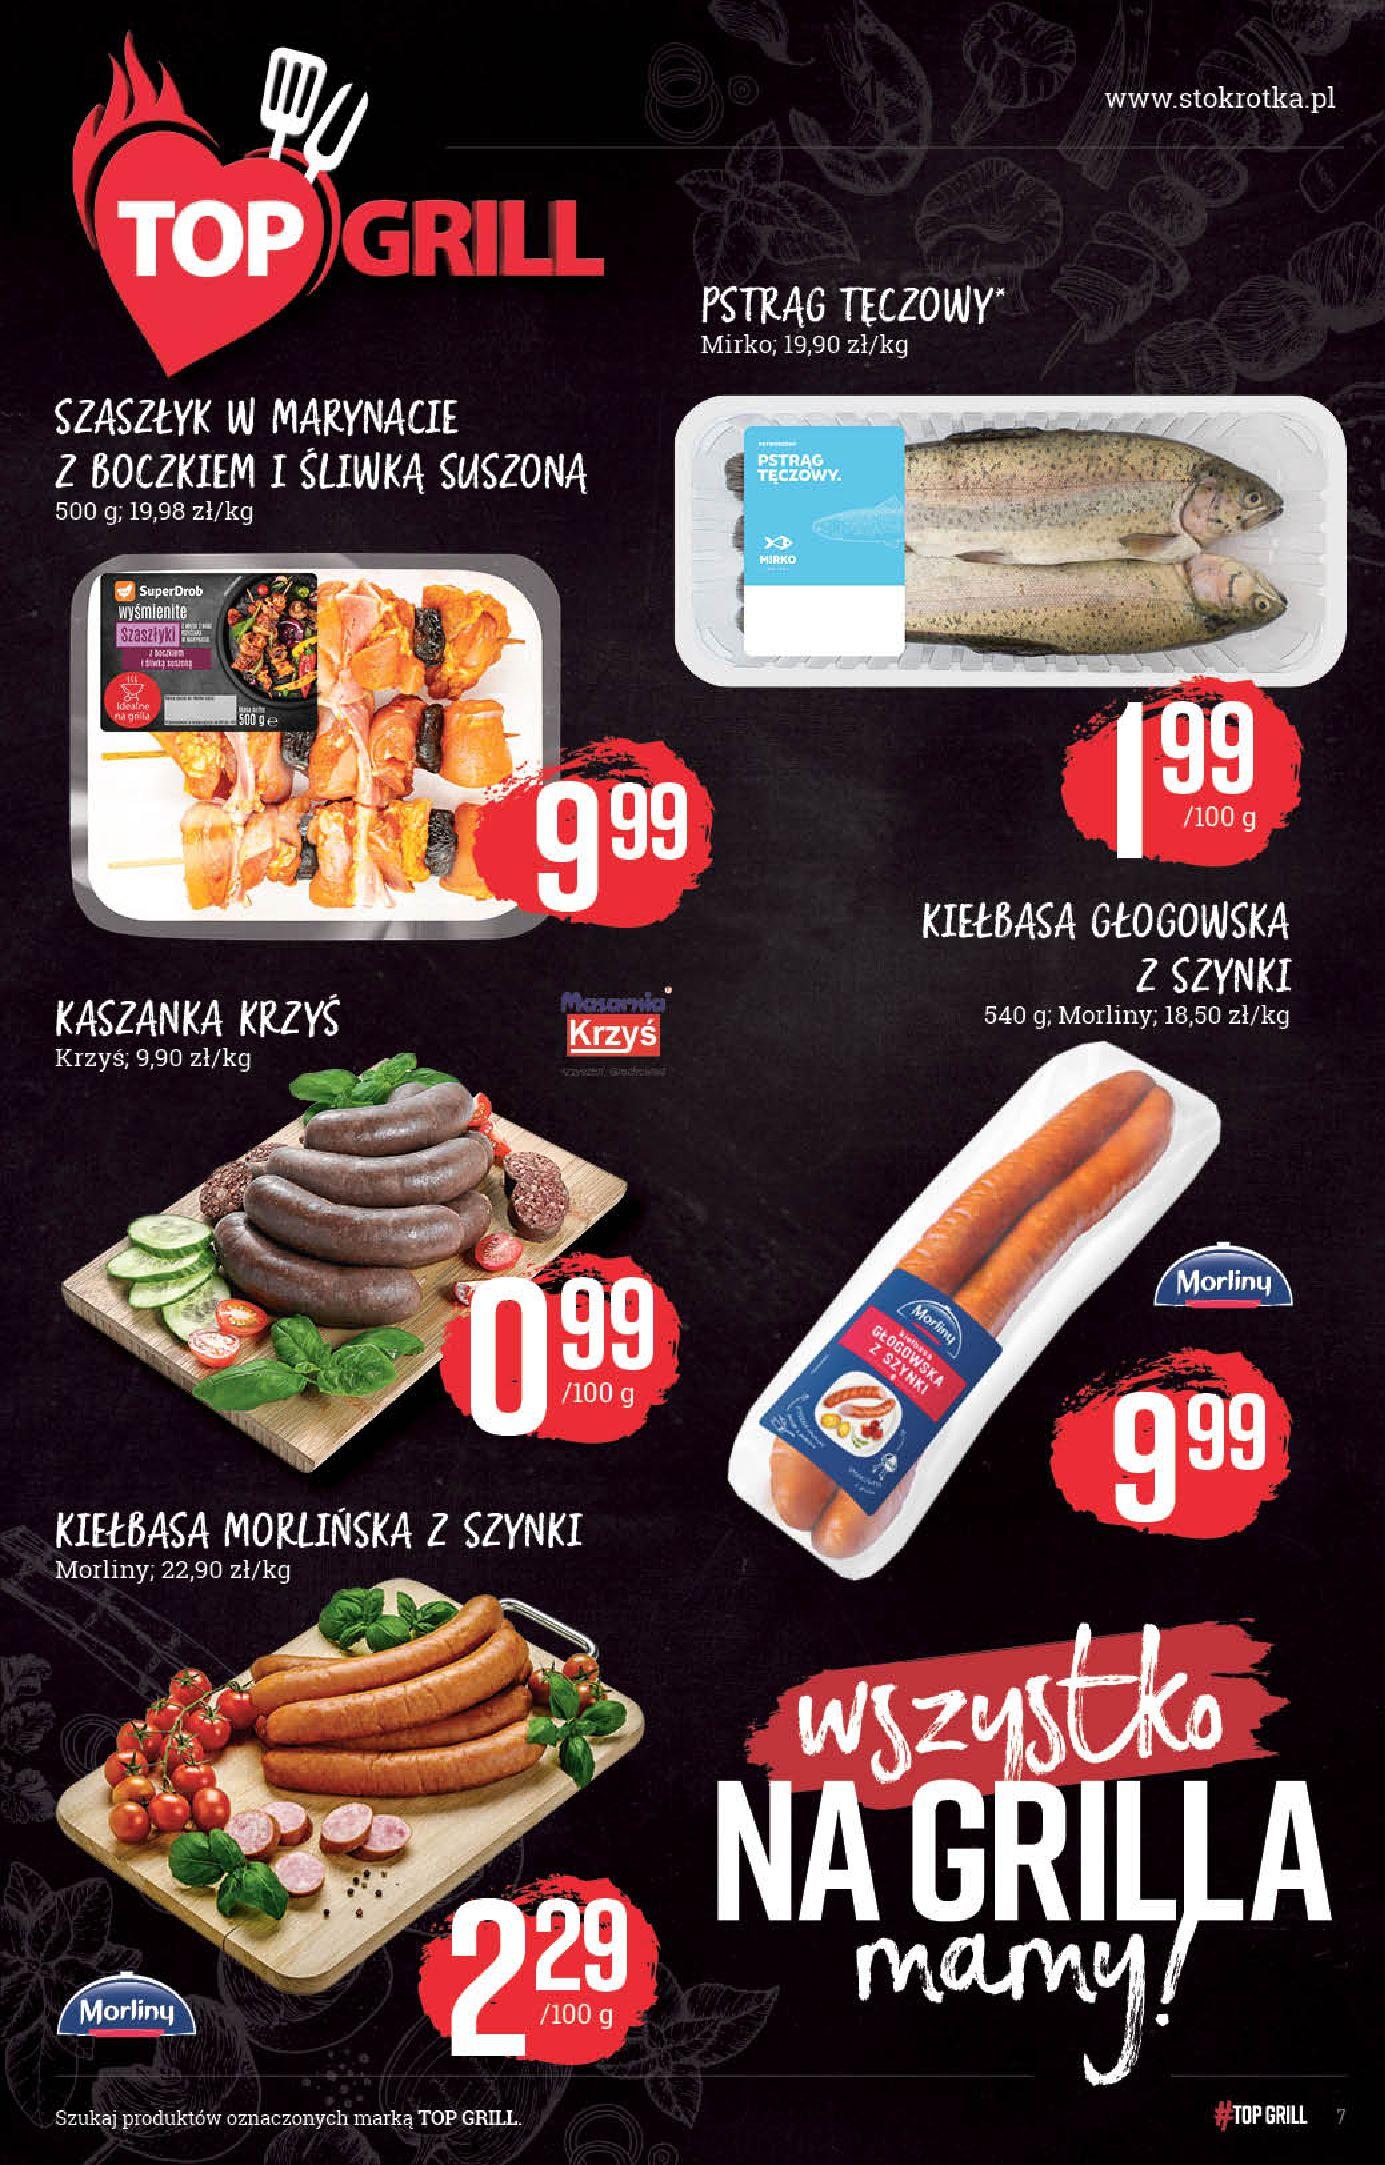 Gazetka Stokrotka Supermarket: Stokrotka Supermarket_IMPORTED_20210720130049 2021-07-22 page-7